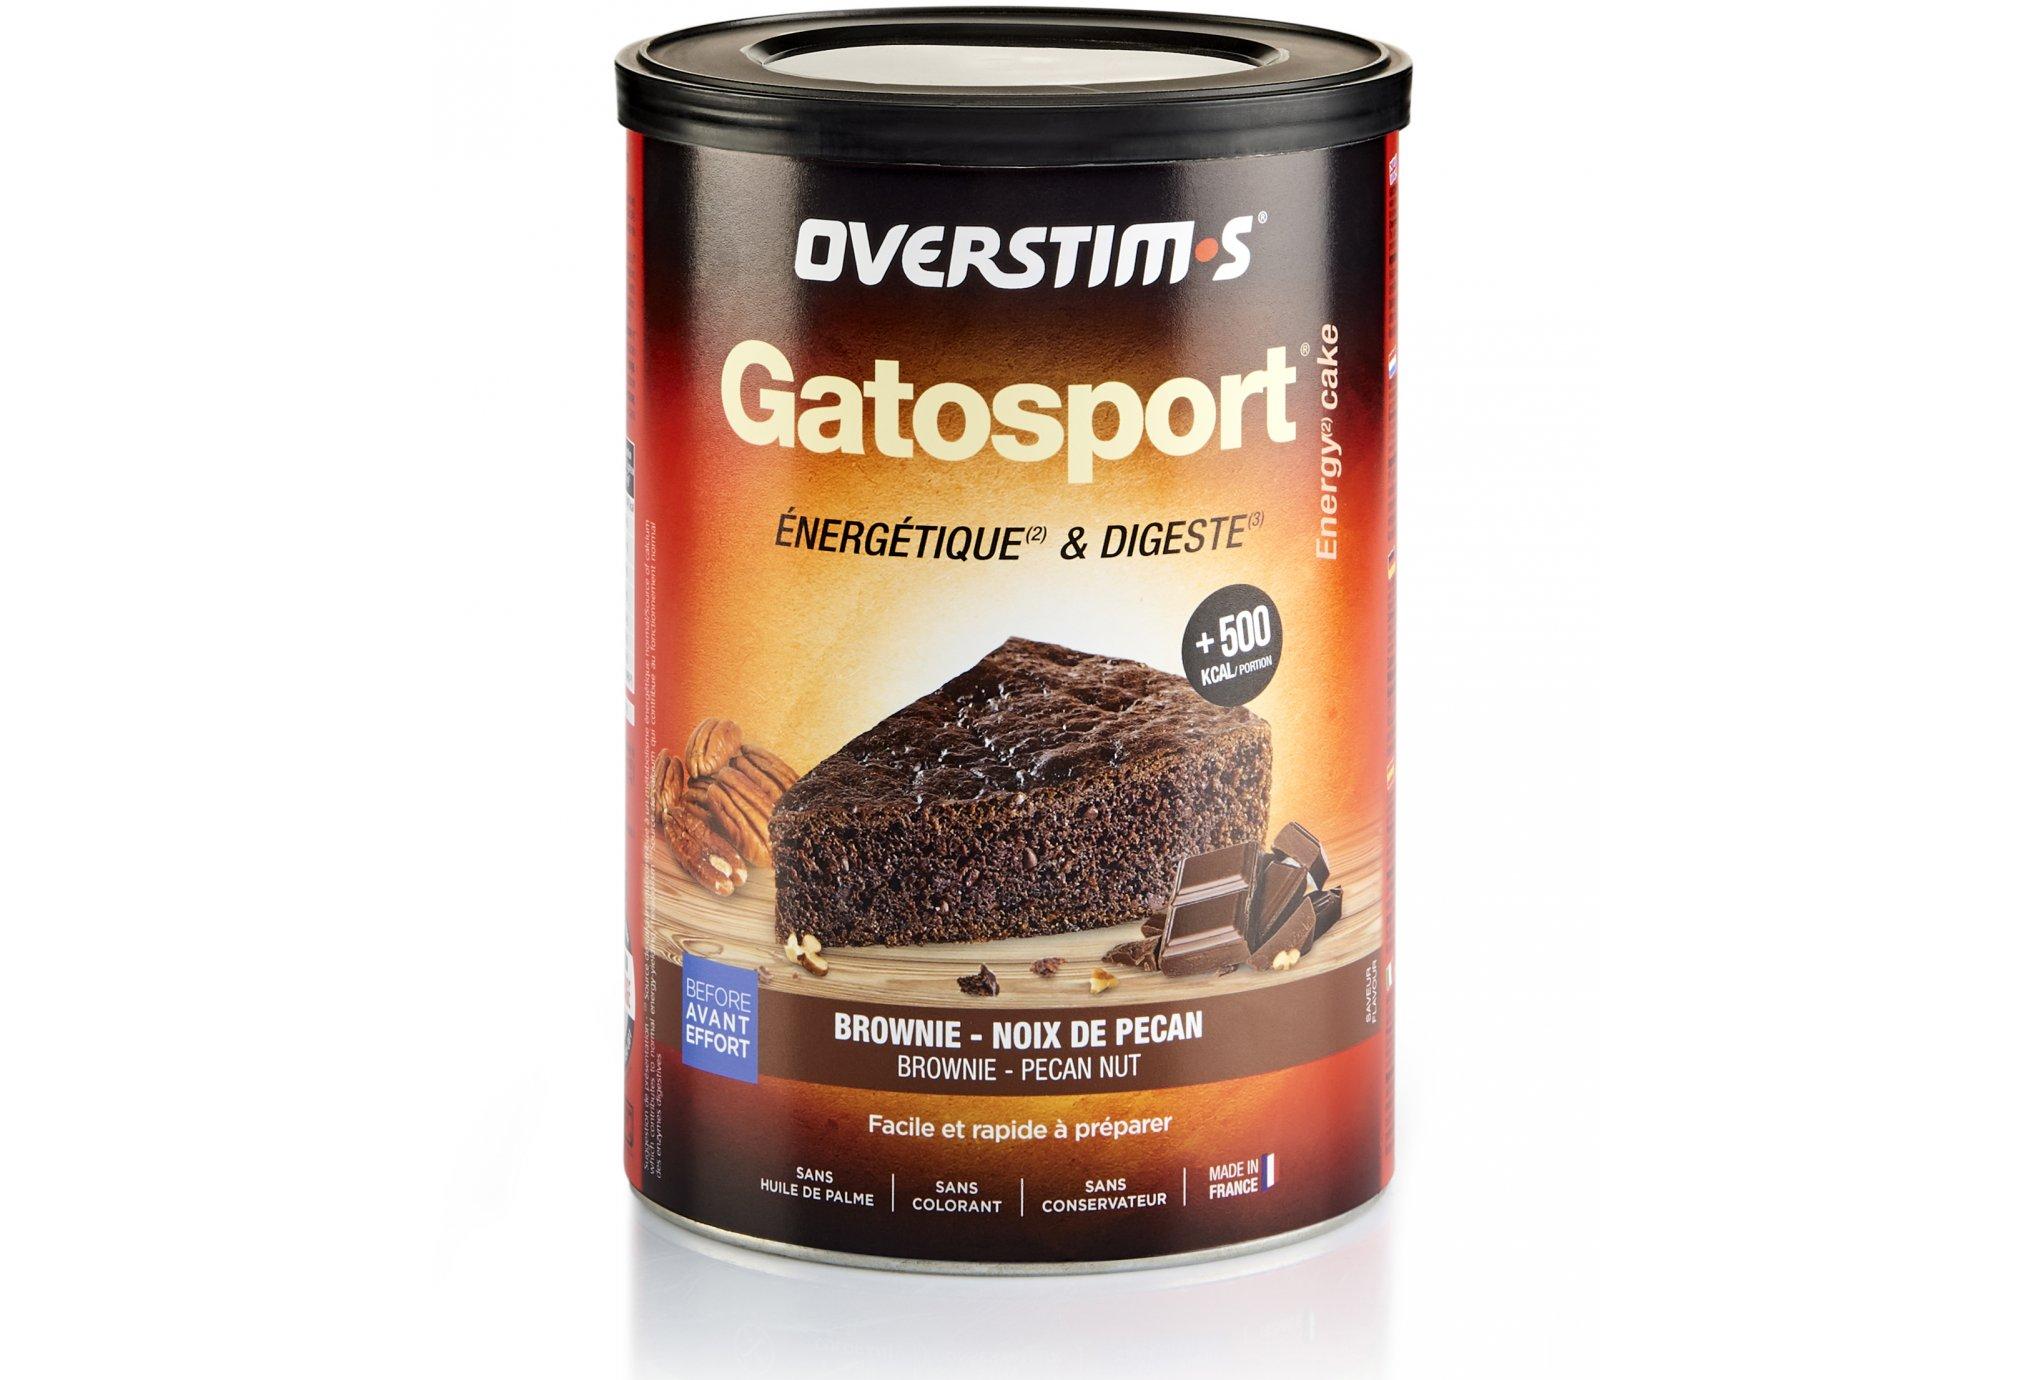 OVERSTIMS Gatosport 400 g - Brownie/noix de pécan Diététique Préparation